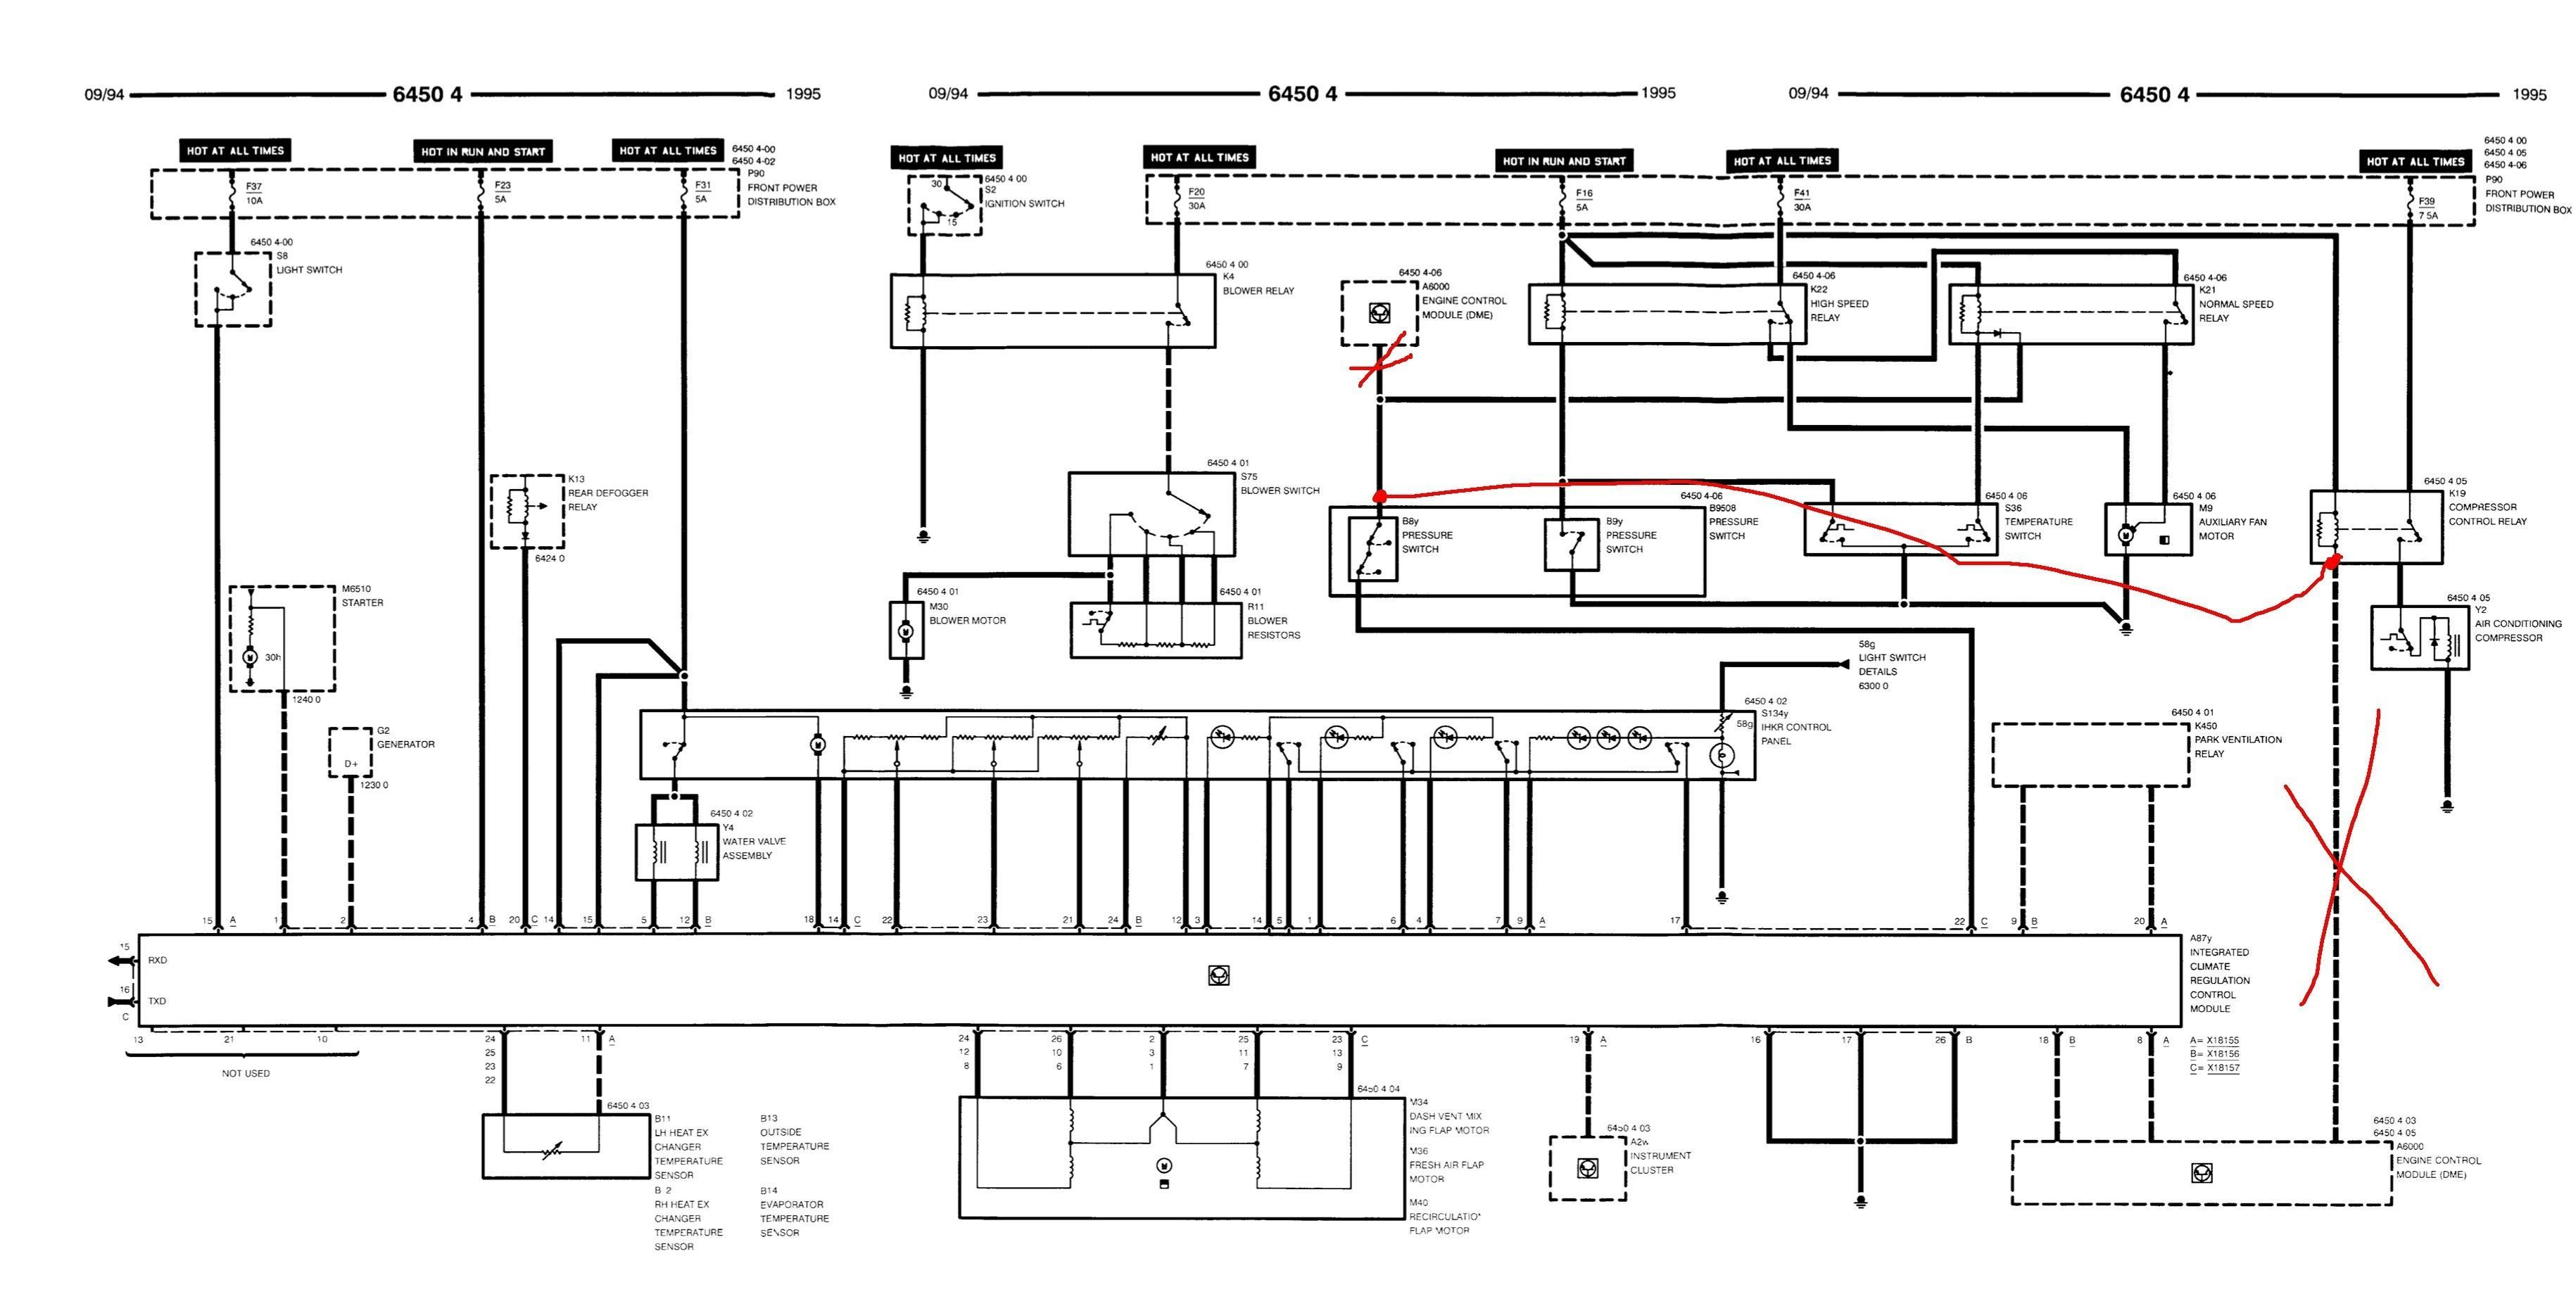 Bmw E30 Ignition Switch Wiring Diagram Bmw E46 Bmw E30 New Bmw